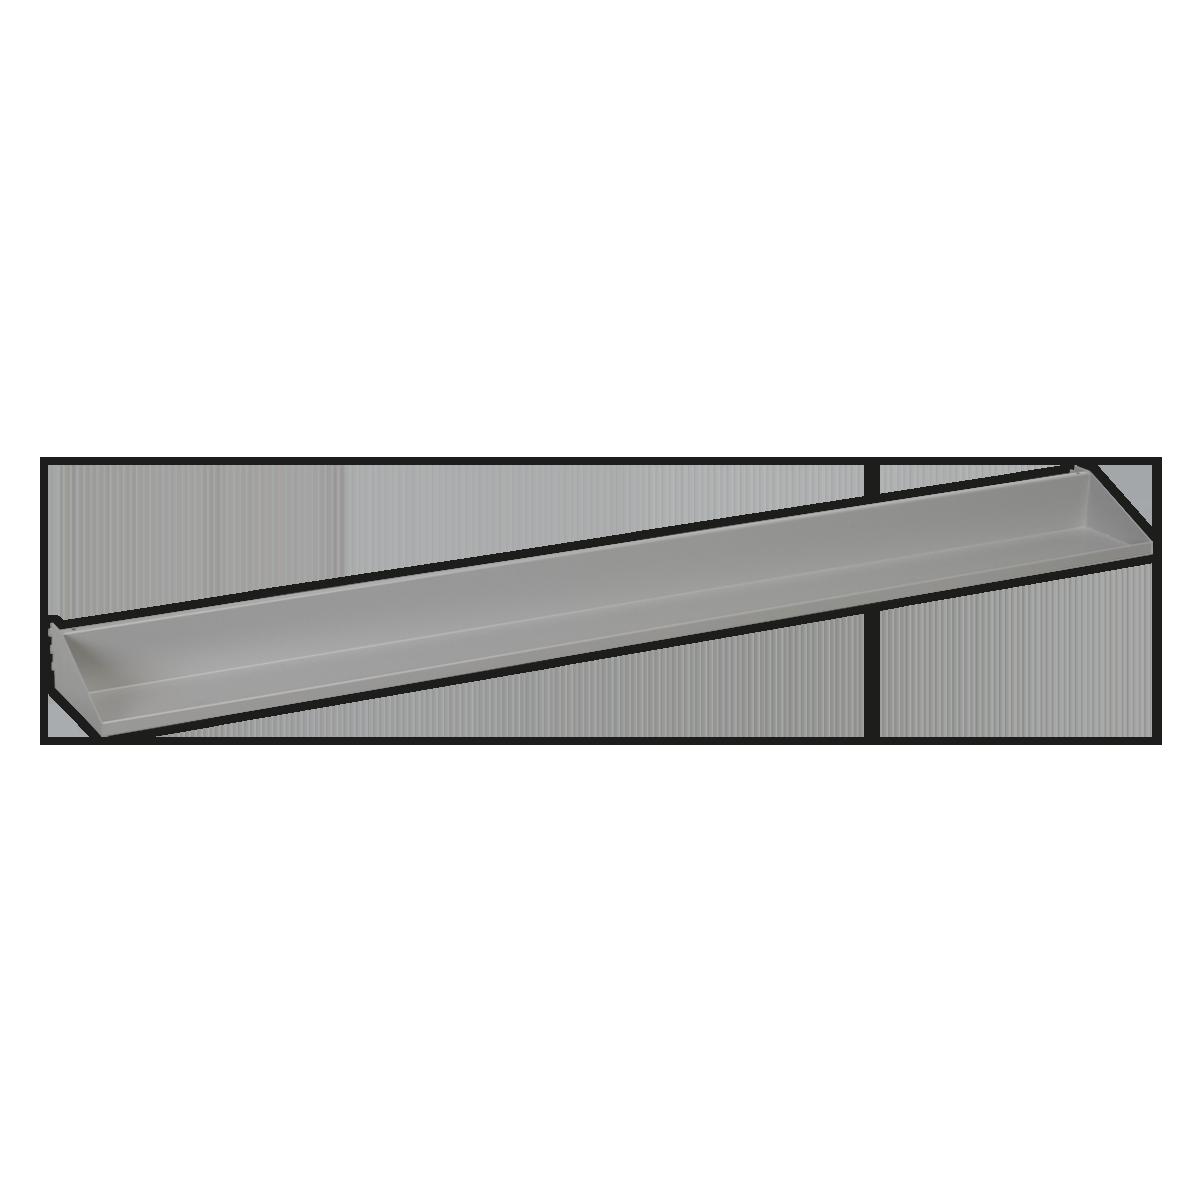 Brillant Étagère Pour Apibp 1800-sealey Api12-neuf-afficher Le Titre D'origine Ferme En Structure